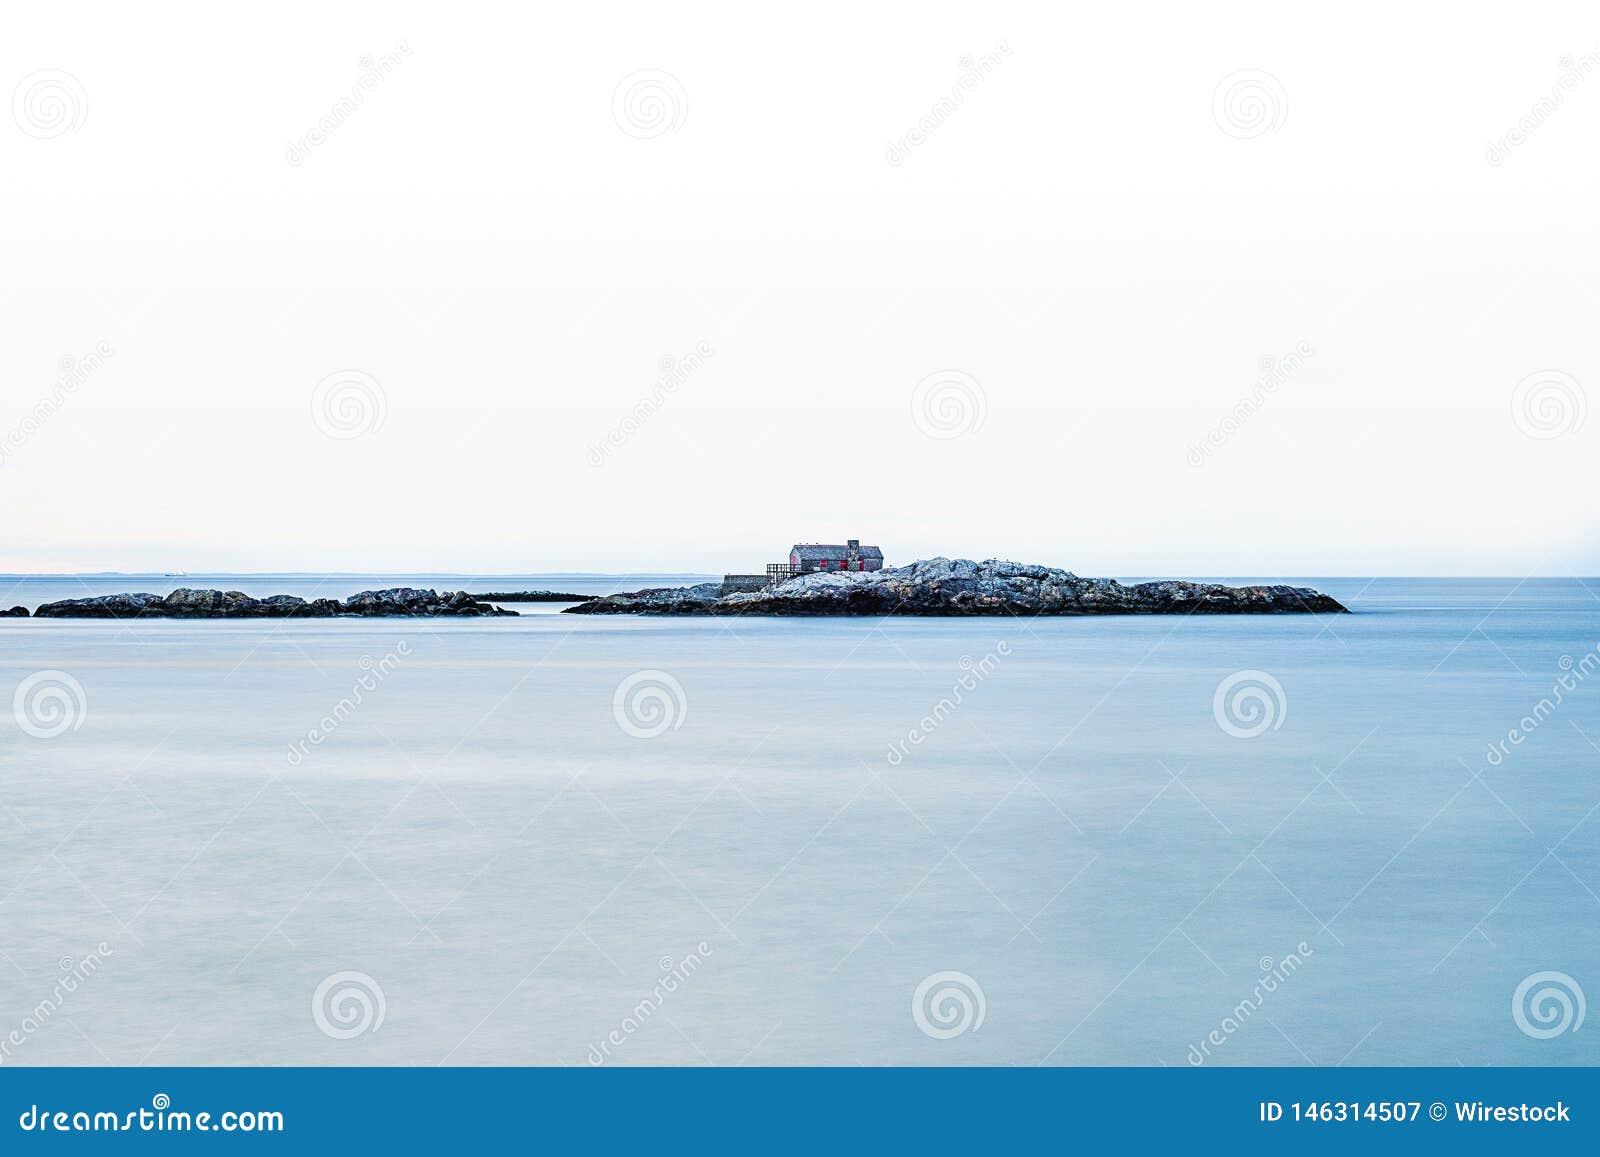 Une maison construite sur une petite ?le rocheuse au milieu de la mer